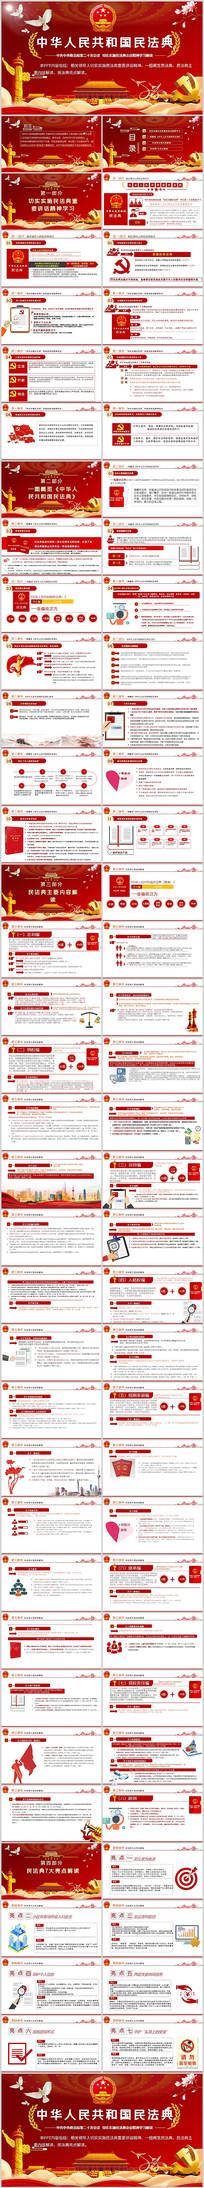 中华人民共和国民法典学习解读党建党课